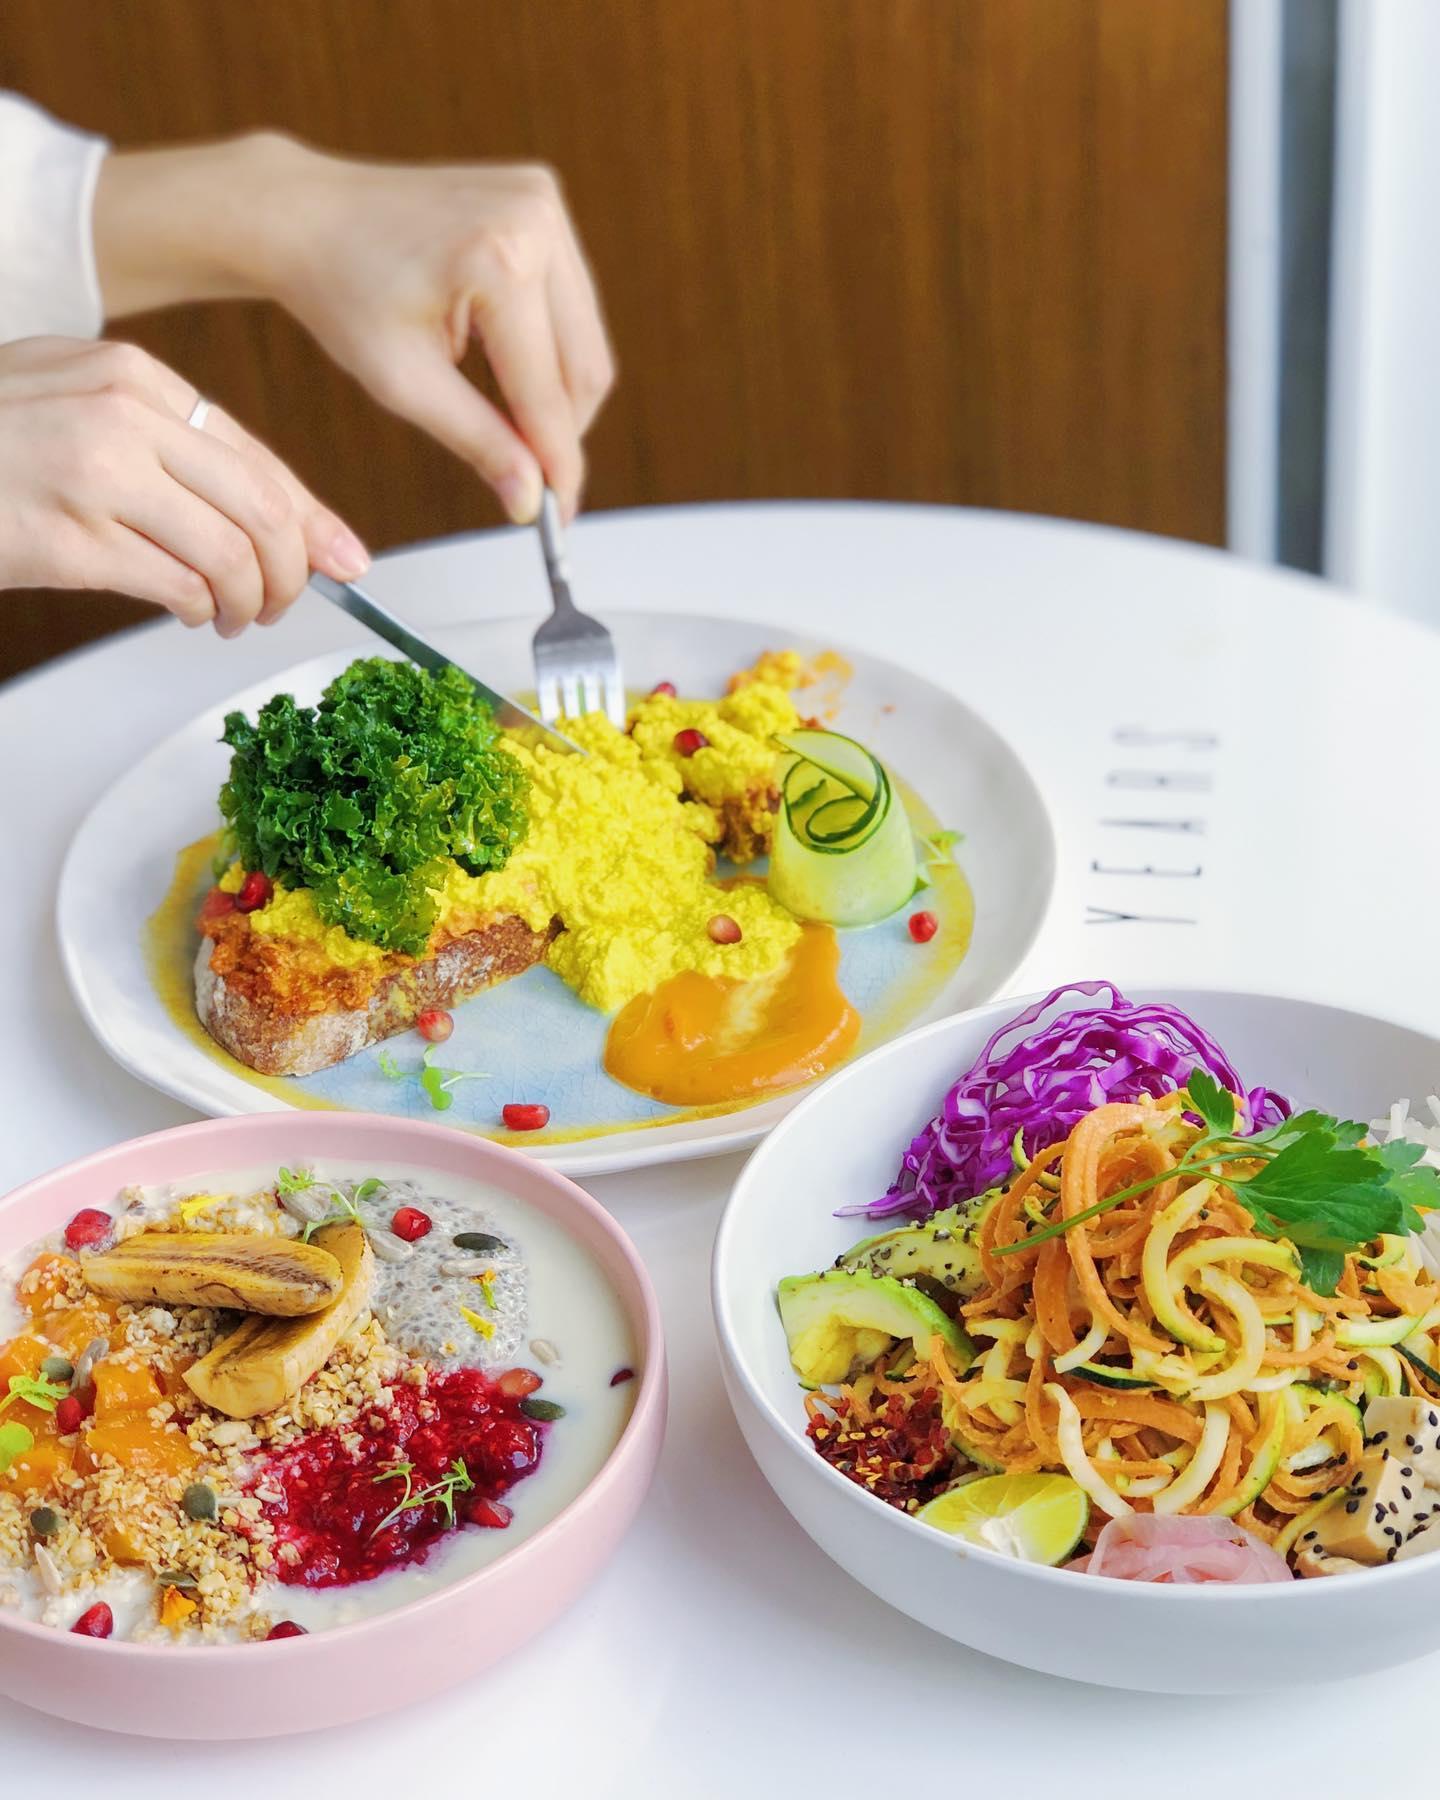 YEARS 素年/許多菜式都用上色彩繽紛的食材,令人食指大動;圖為羽衣甘藍黃薑豆腐酸種麵包(上)、焦糖香蕉野果燕麥碗(左)和泰式甘筍青瓜麵沙律(右)。